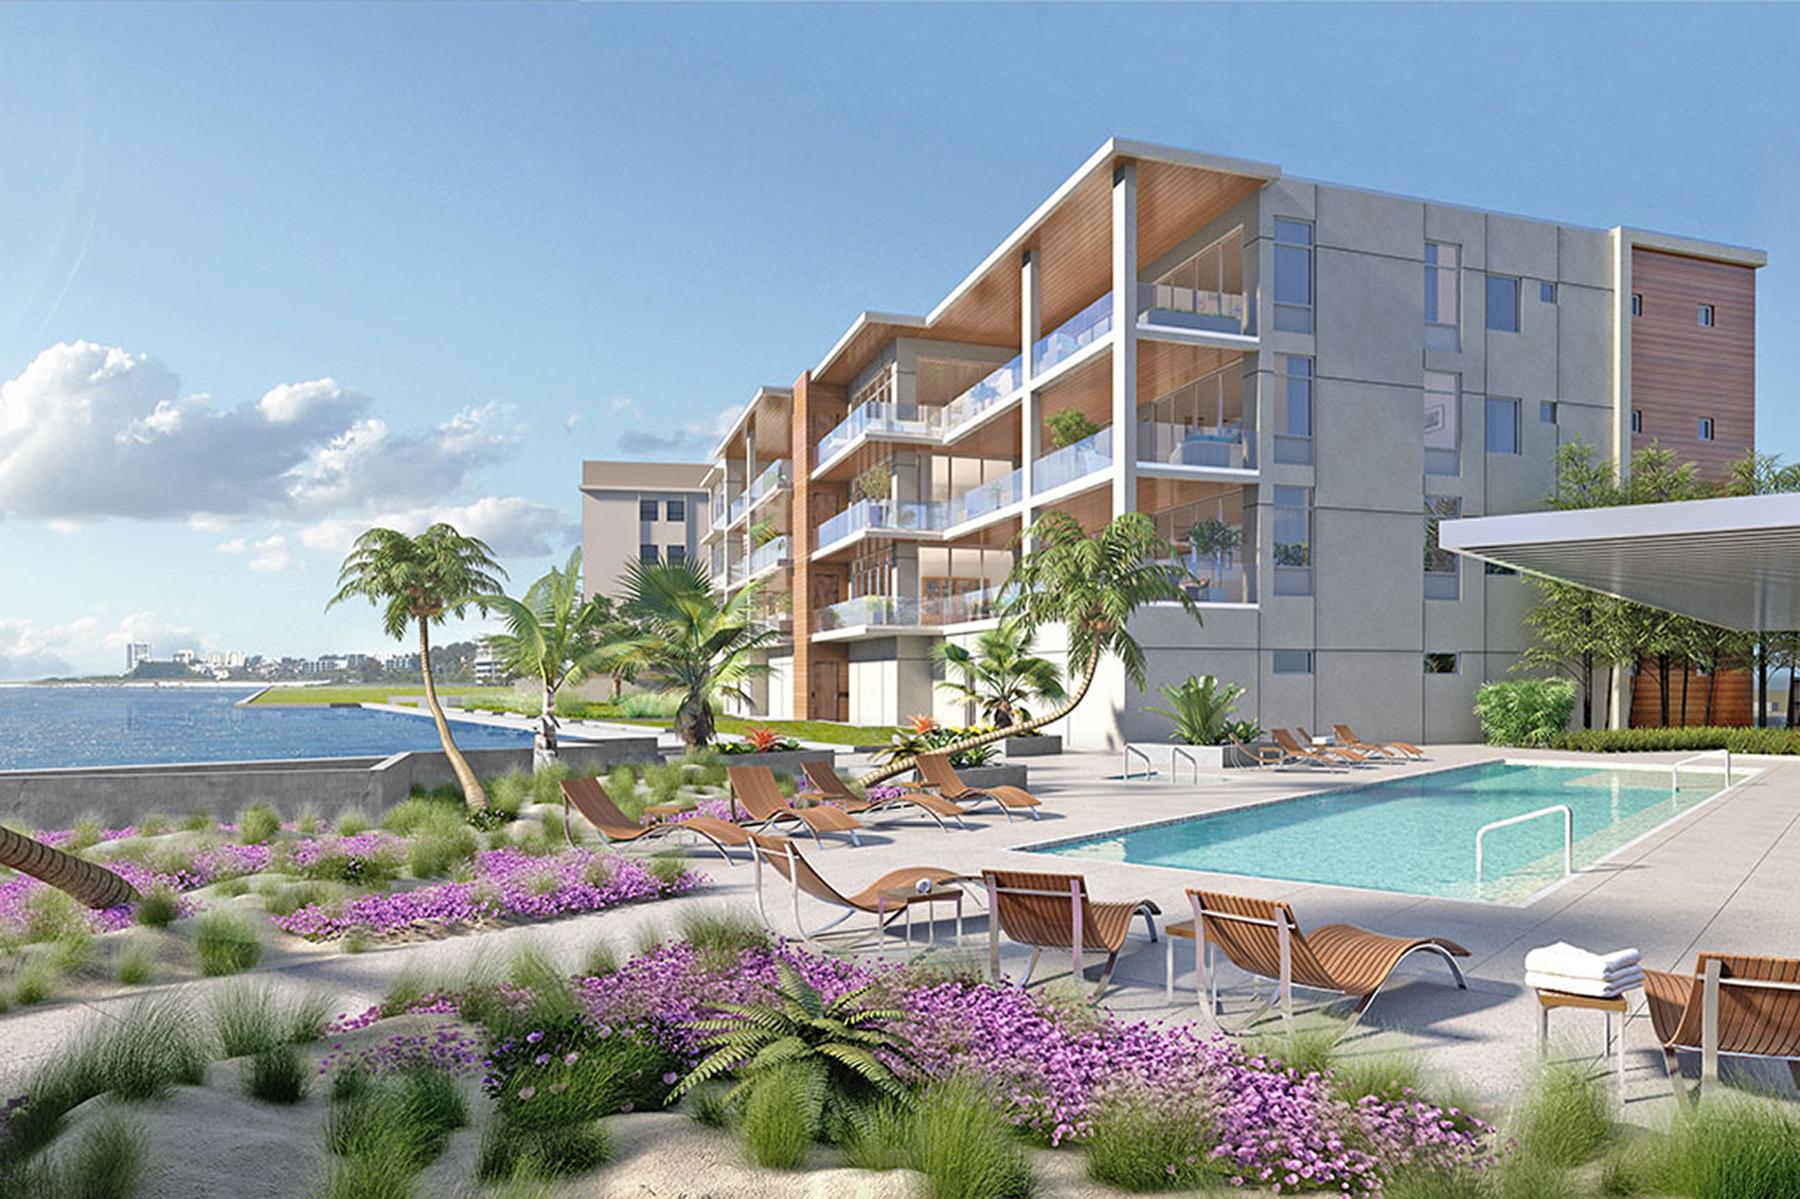 Appartement en copropriété pour l Vente à 4740 Ocean Blvd , 301 Penthou, Sarasota, FL 34242 4740 Ocean Blvd 301 Penthou Sarasota, Florida, 34242 États-Unis